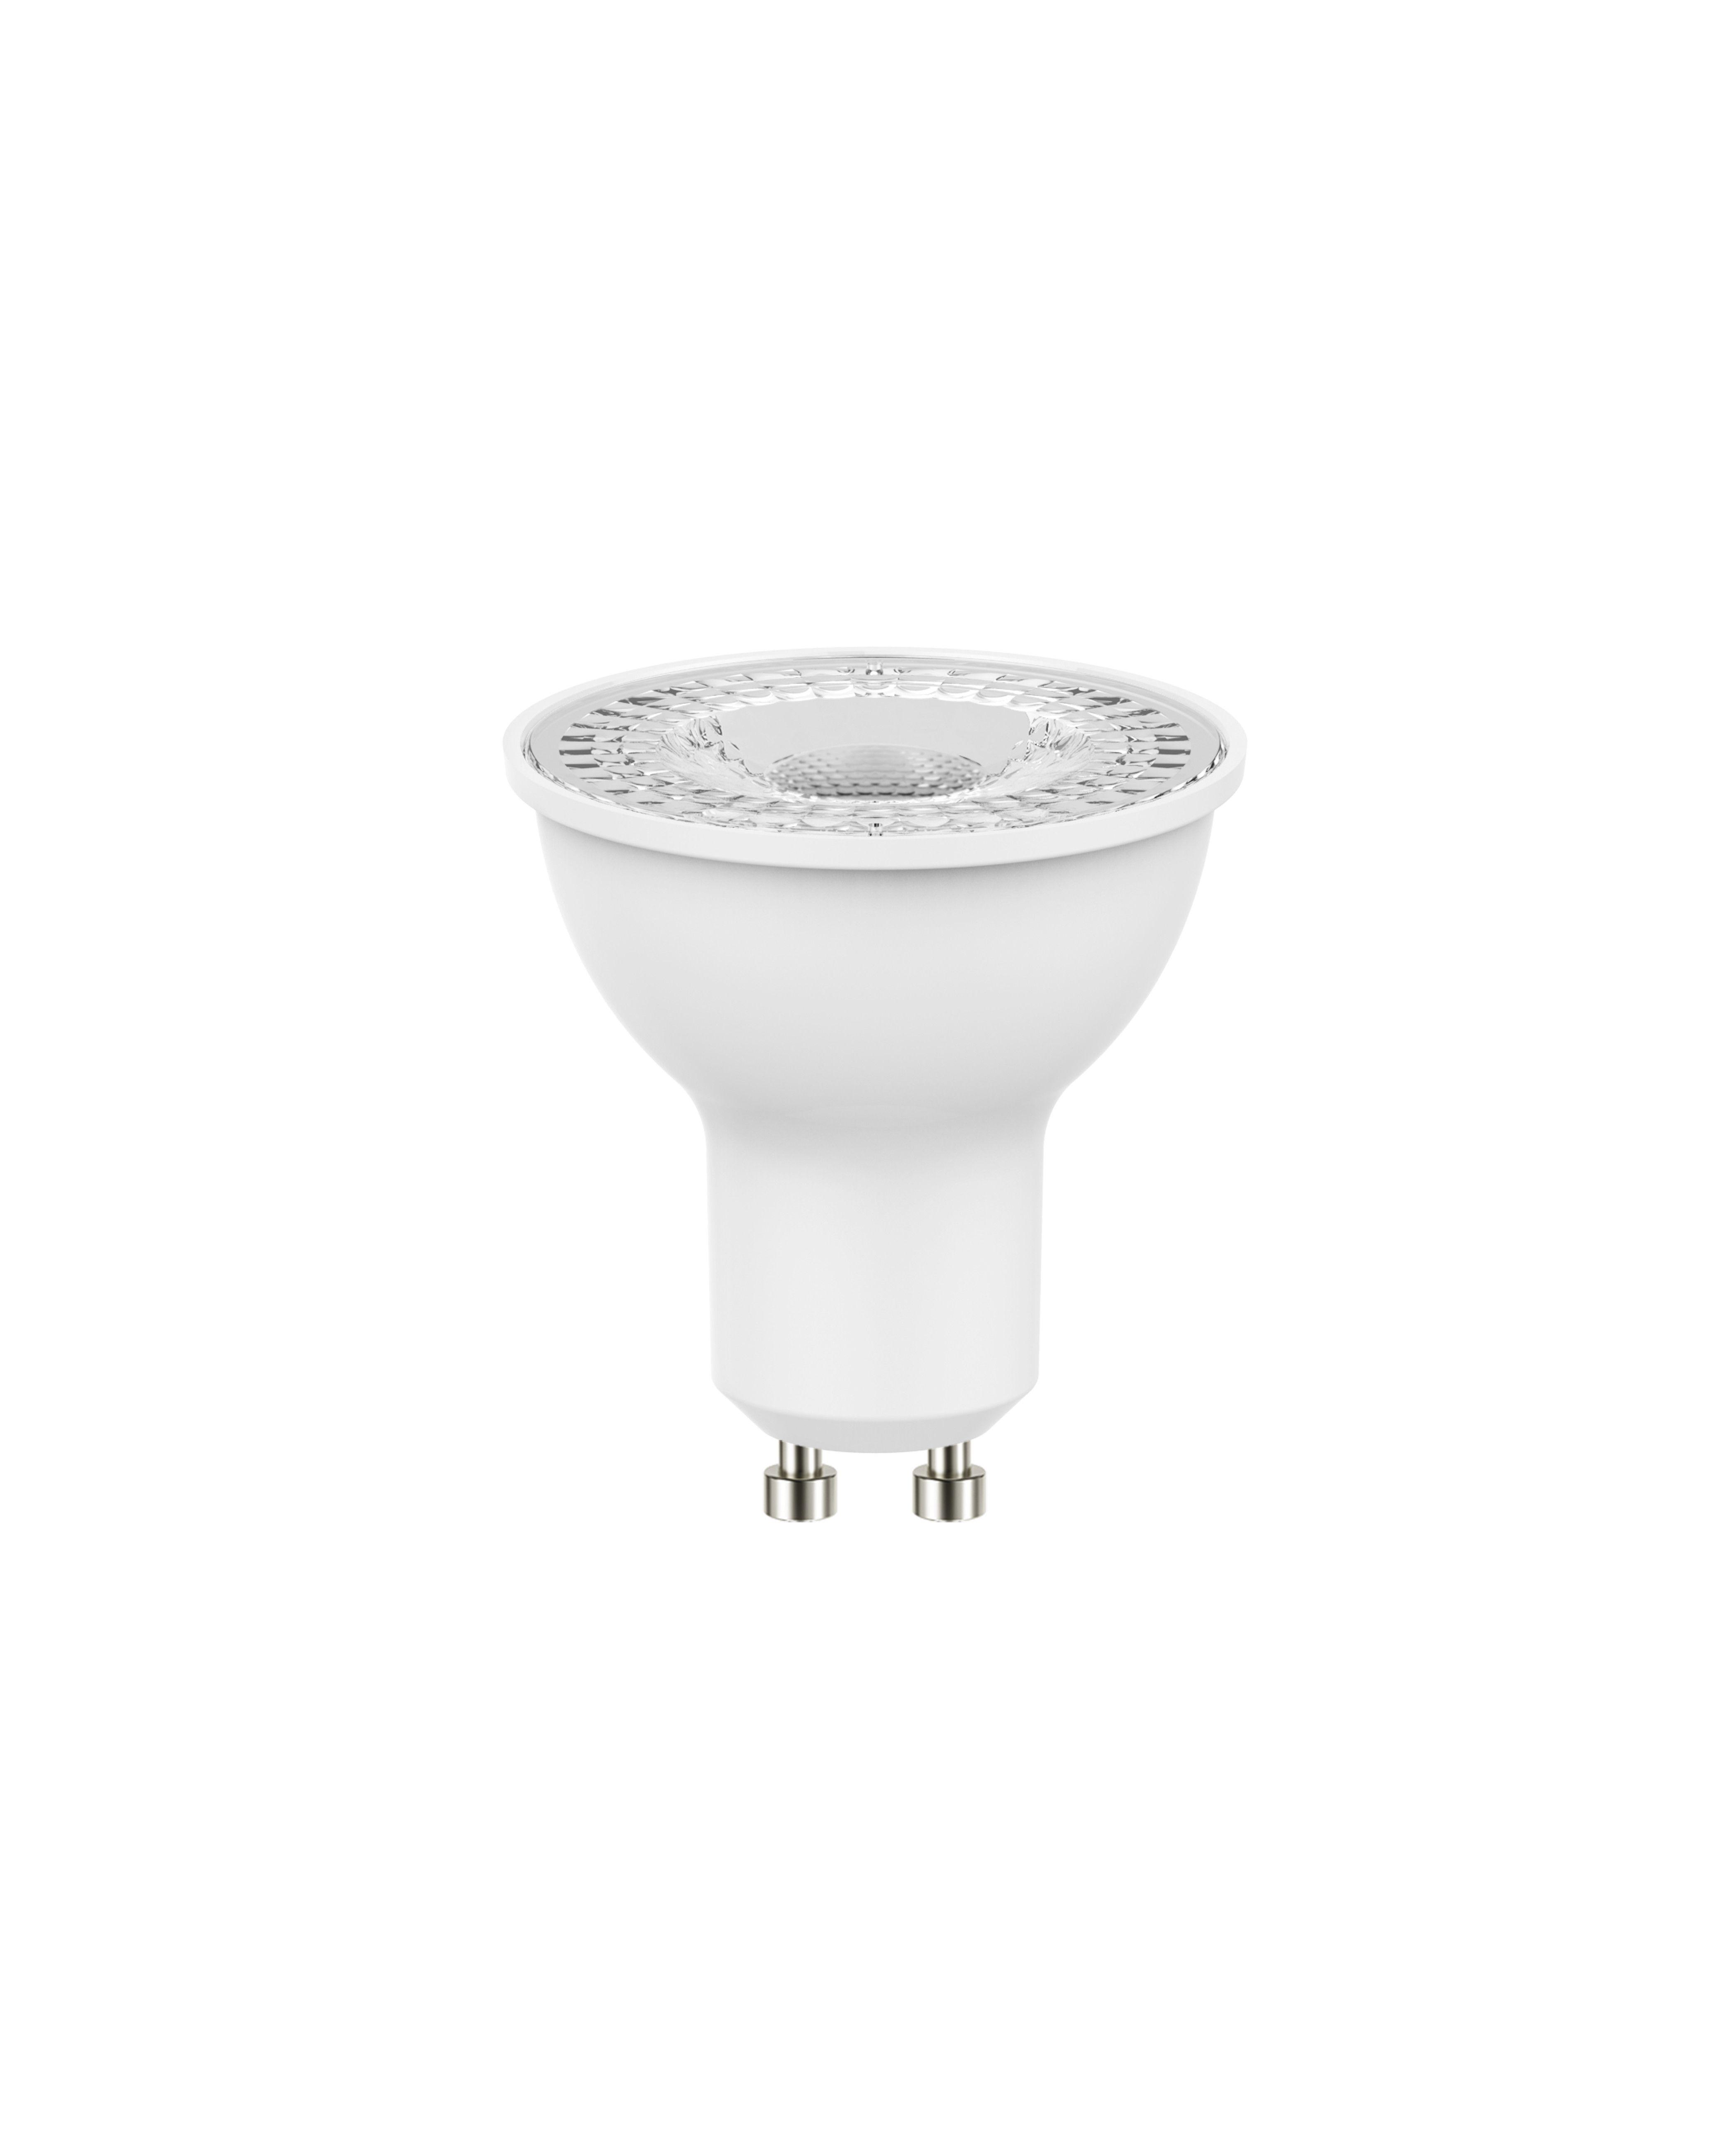 Купить Лампа светодиодная Osram LS PAR163536 3, 6W/830230VGU1010X1RUOSRAM теплый-белый, Osram Ledvance